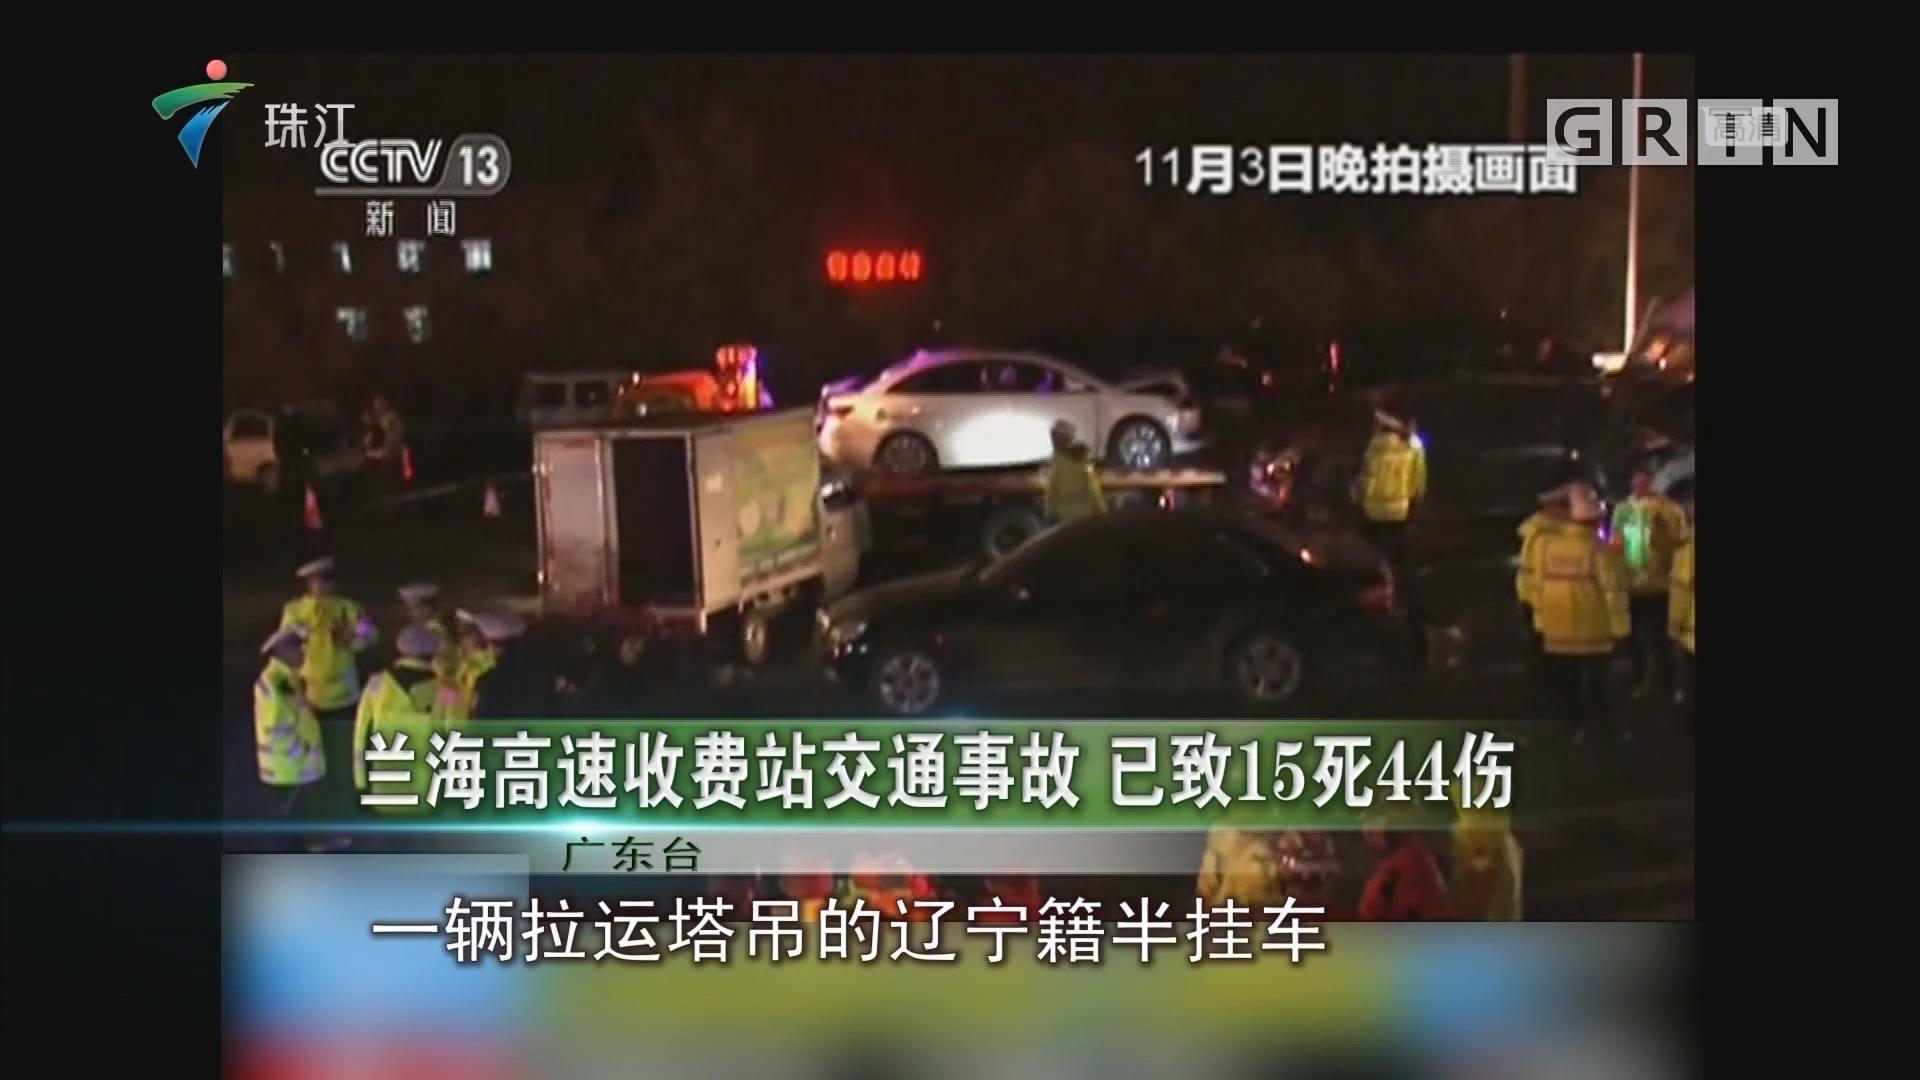 兰海高速收费站交通事故 已致15死44伤